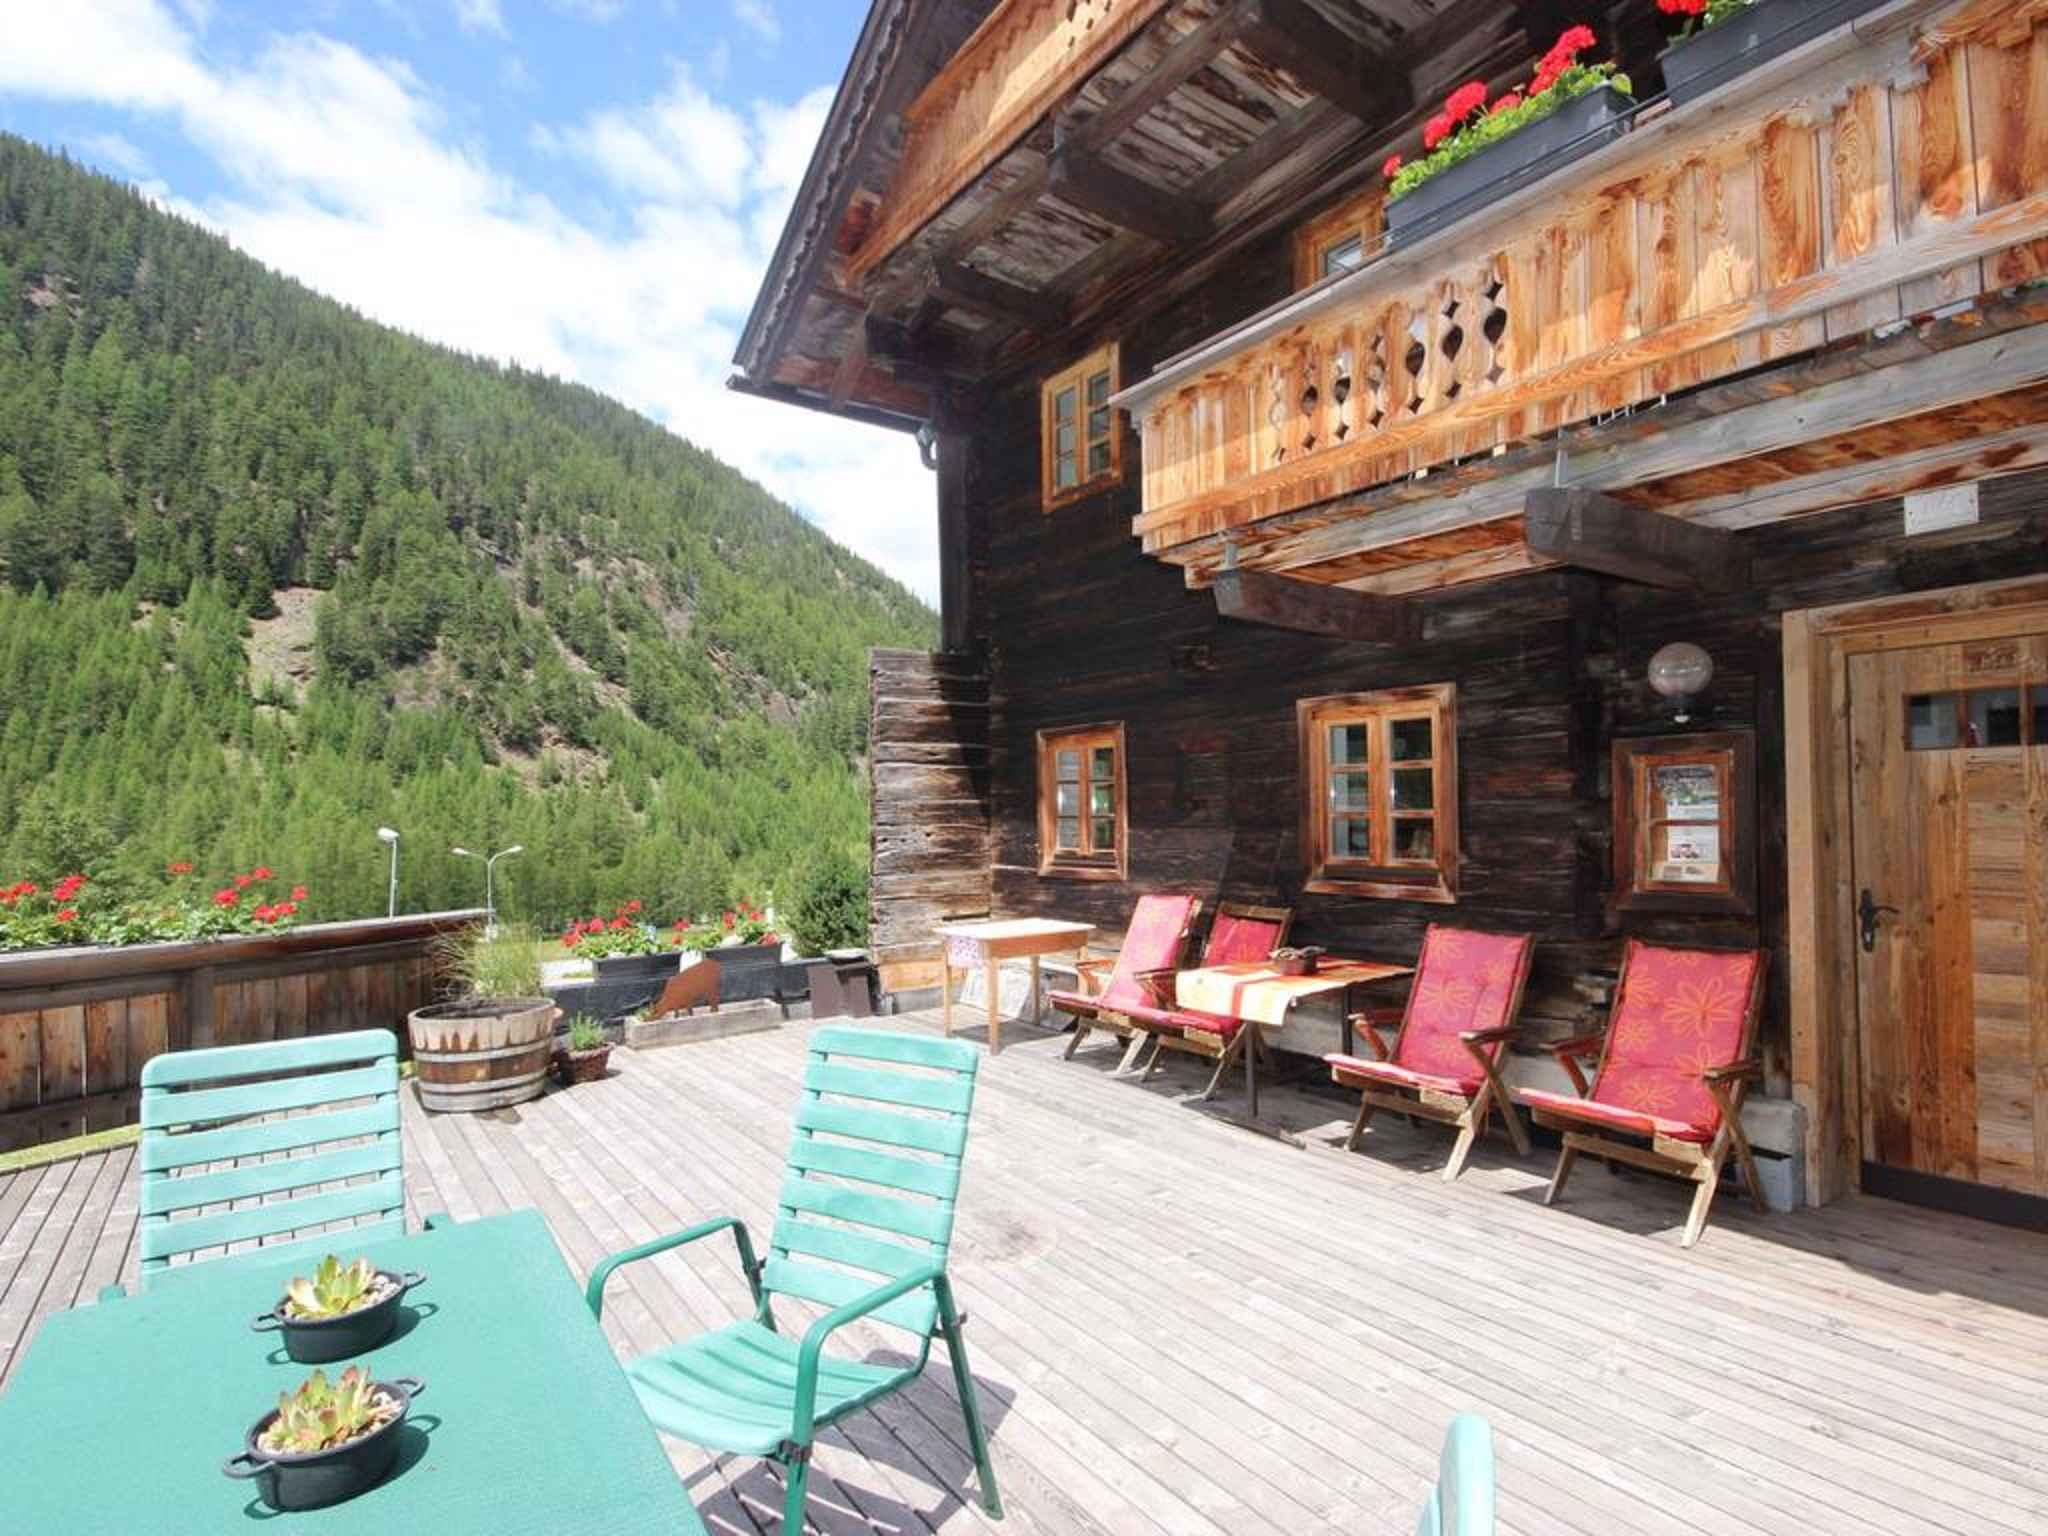 Ferienwohnung in einem über 300 Jahre alten Holzhaus (283708), Sölden (AT), Ötztal, Tirol, Österreich, Bild 10